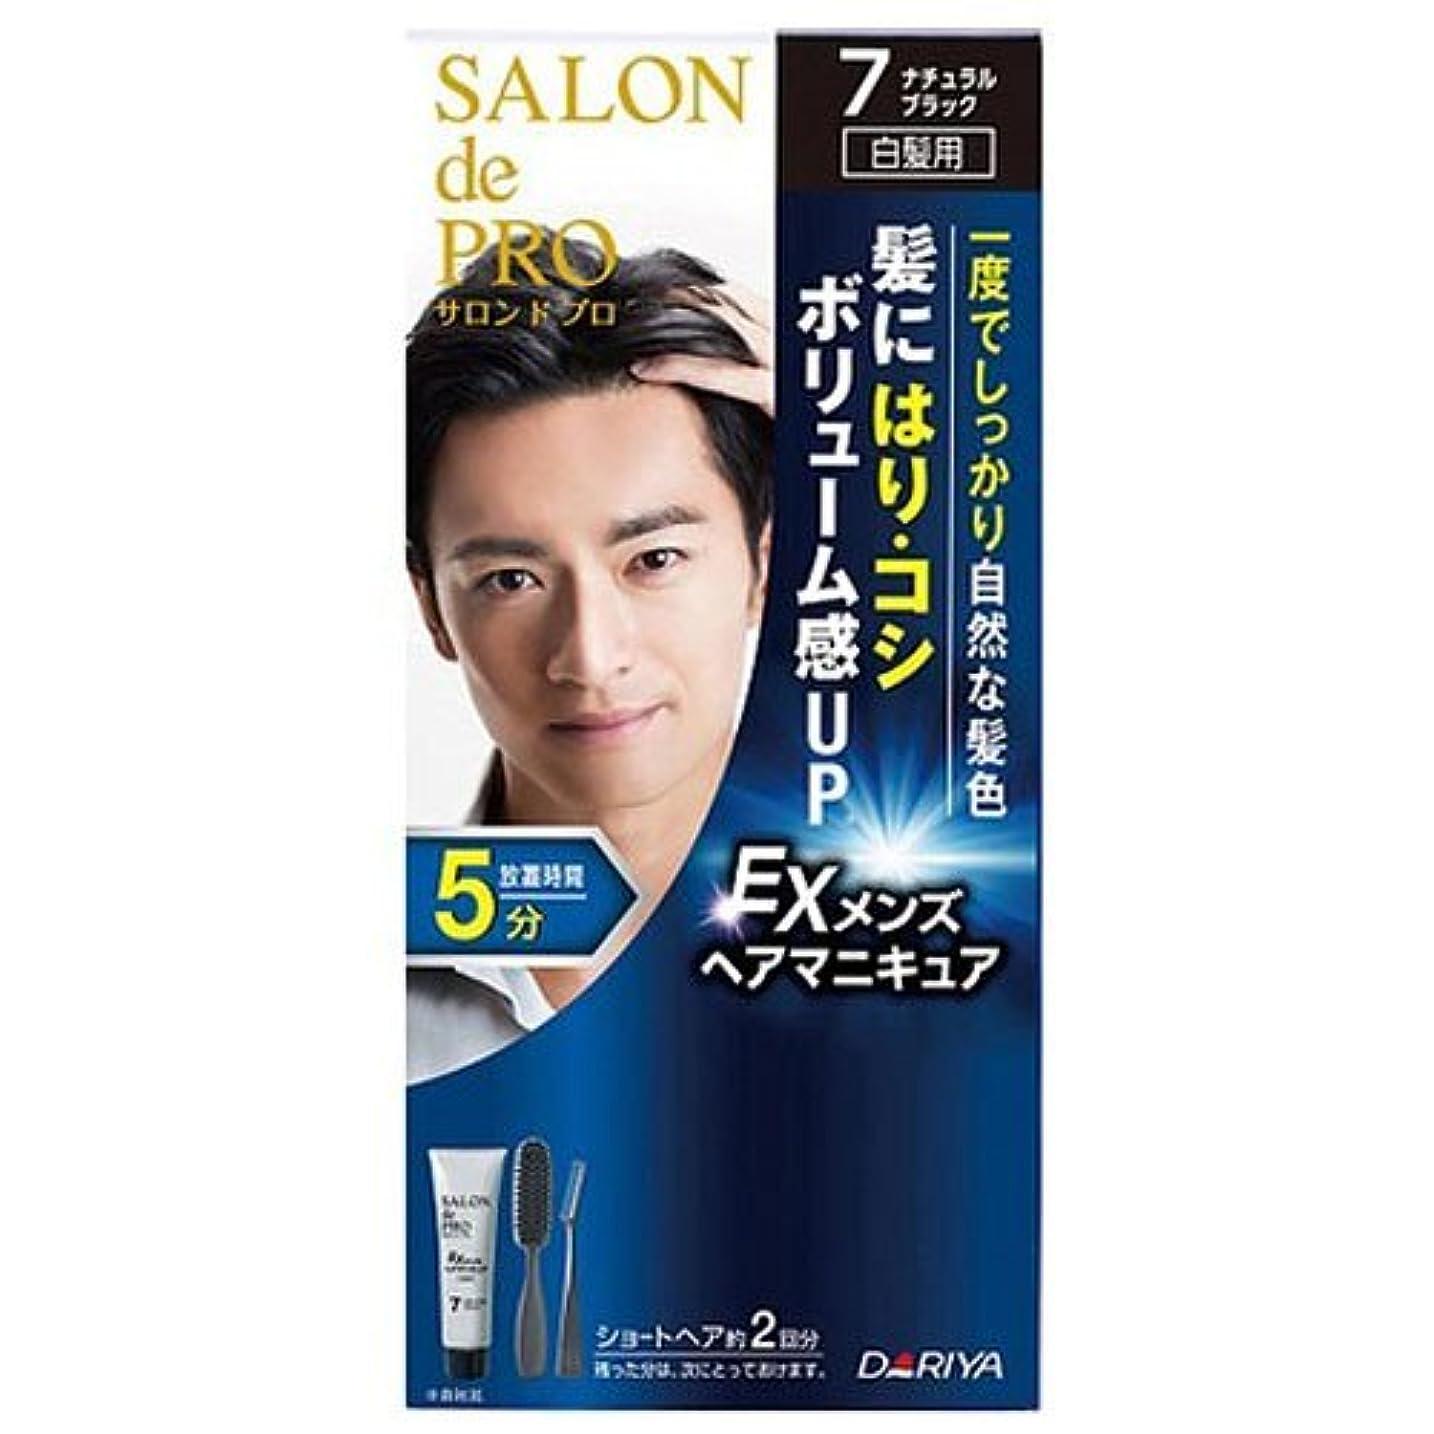 むさぼり食う環境ベースサロンドプロ EXメンズヘアマニキュア 白髪用 7 ナチュラルブラック